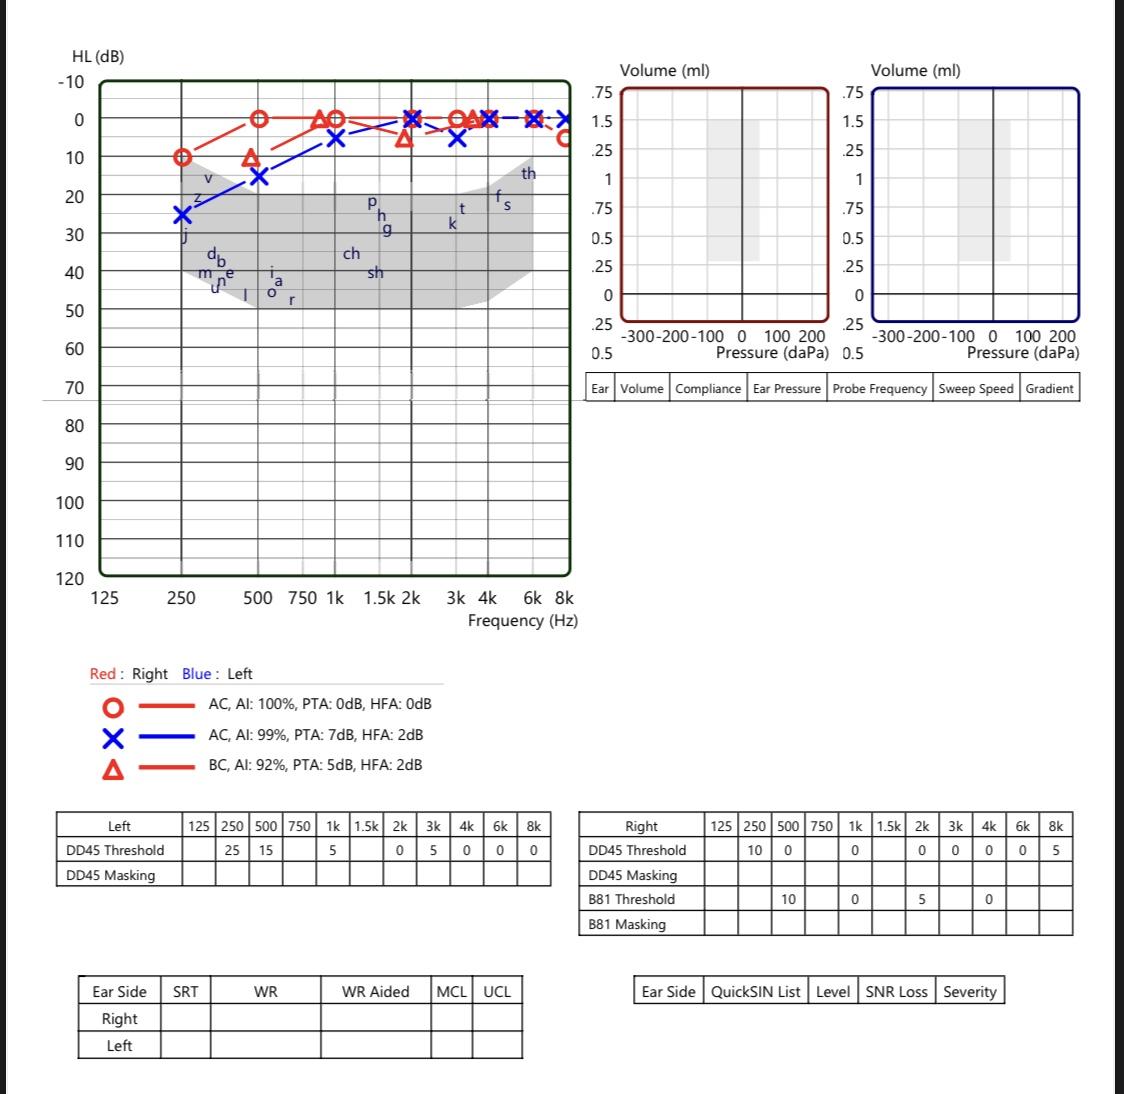 9B852DCC-7C6F-4413-9F1B-F31814D78A47.jpeg